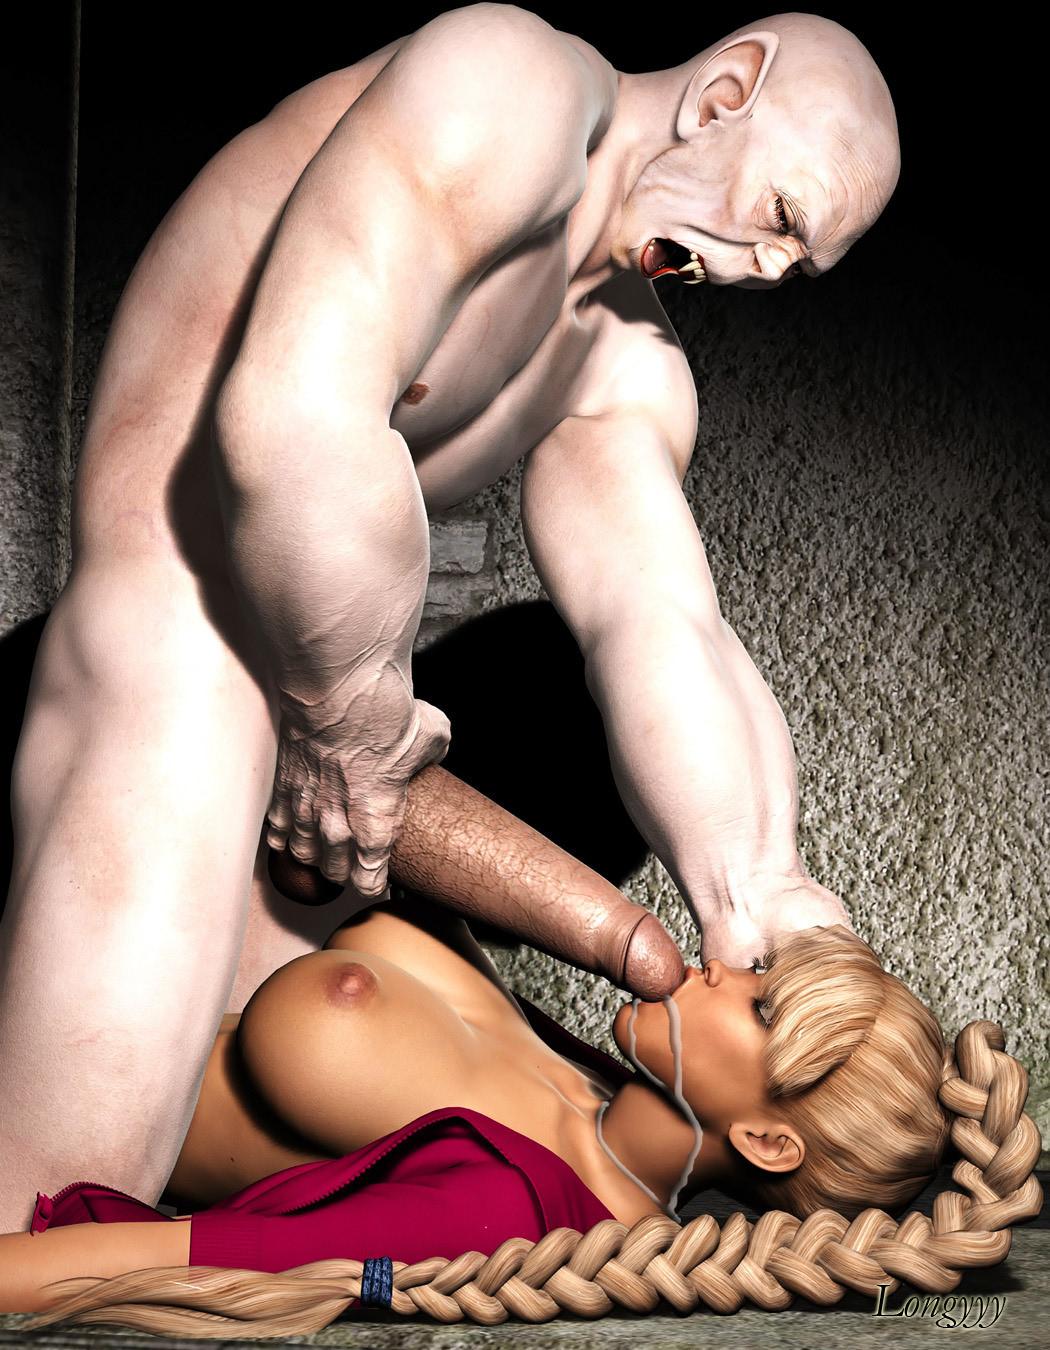 Смотреть Монстры Члены Спермы Порно